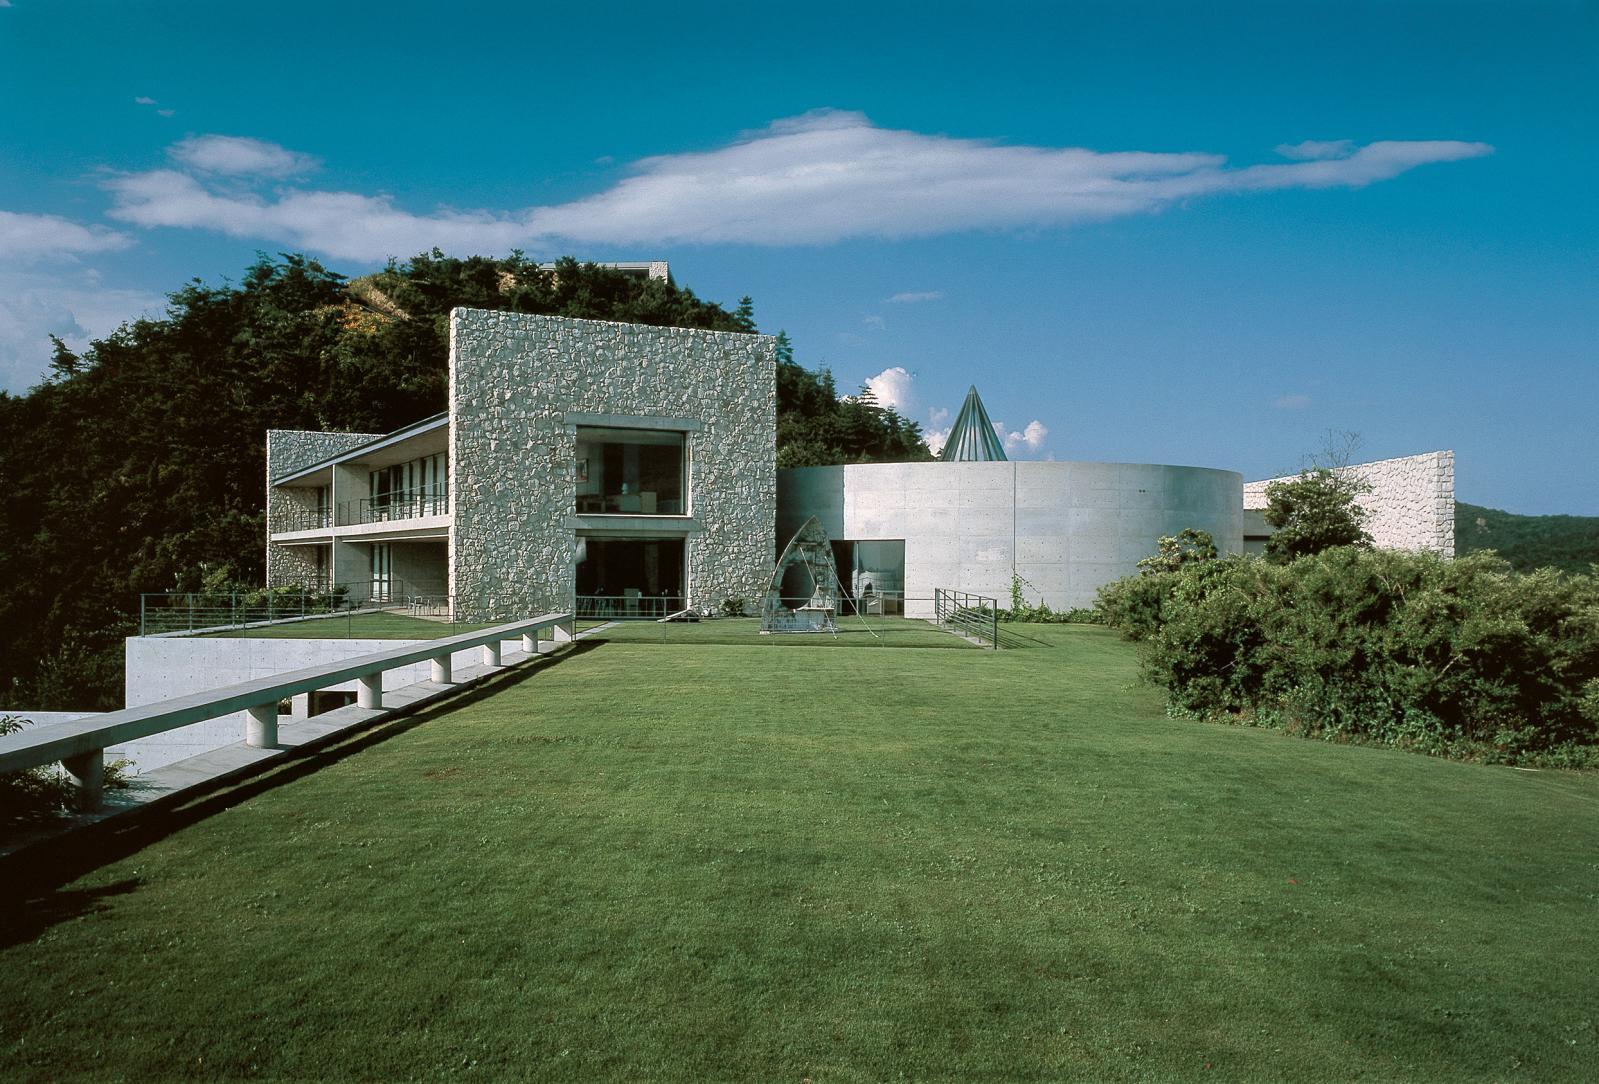 Le musée et hôtel de luxe Benesse House Museum, construit par Tadao Ando, a ouvert sur l'île de Naoshima en 1992.